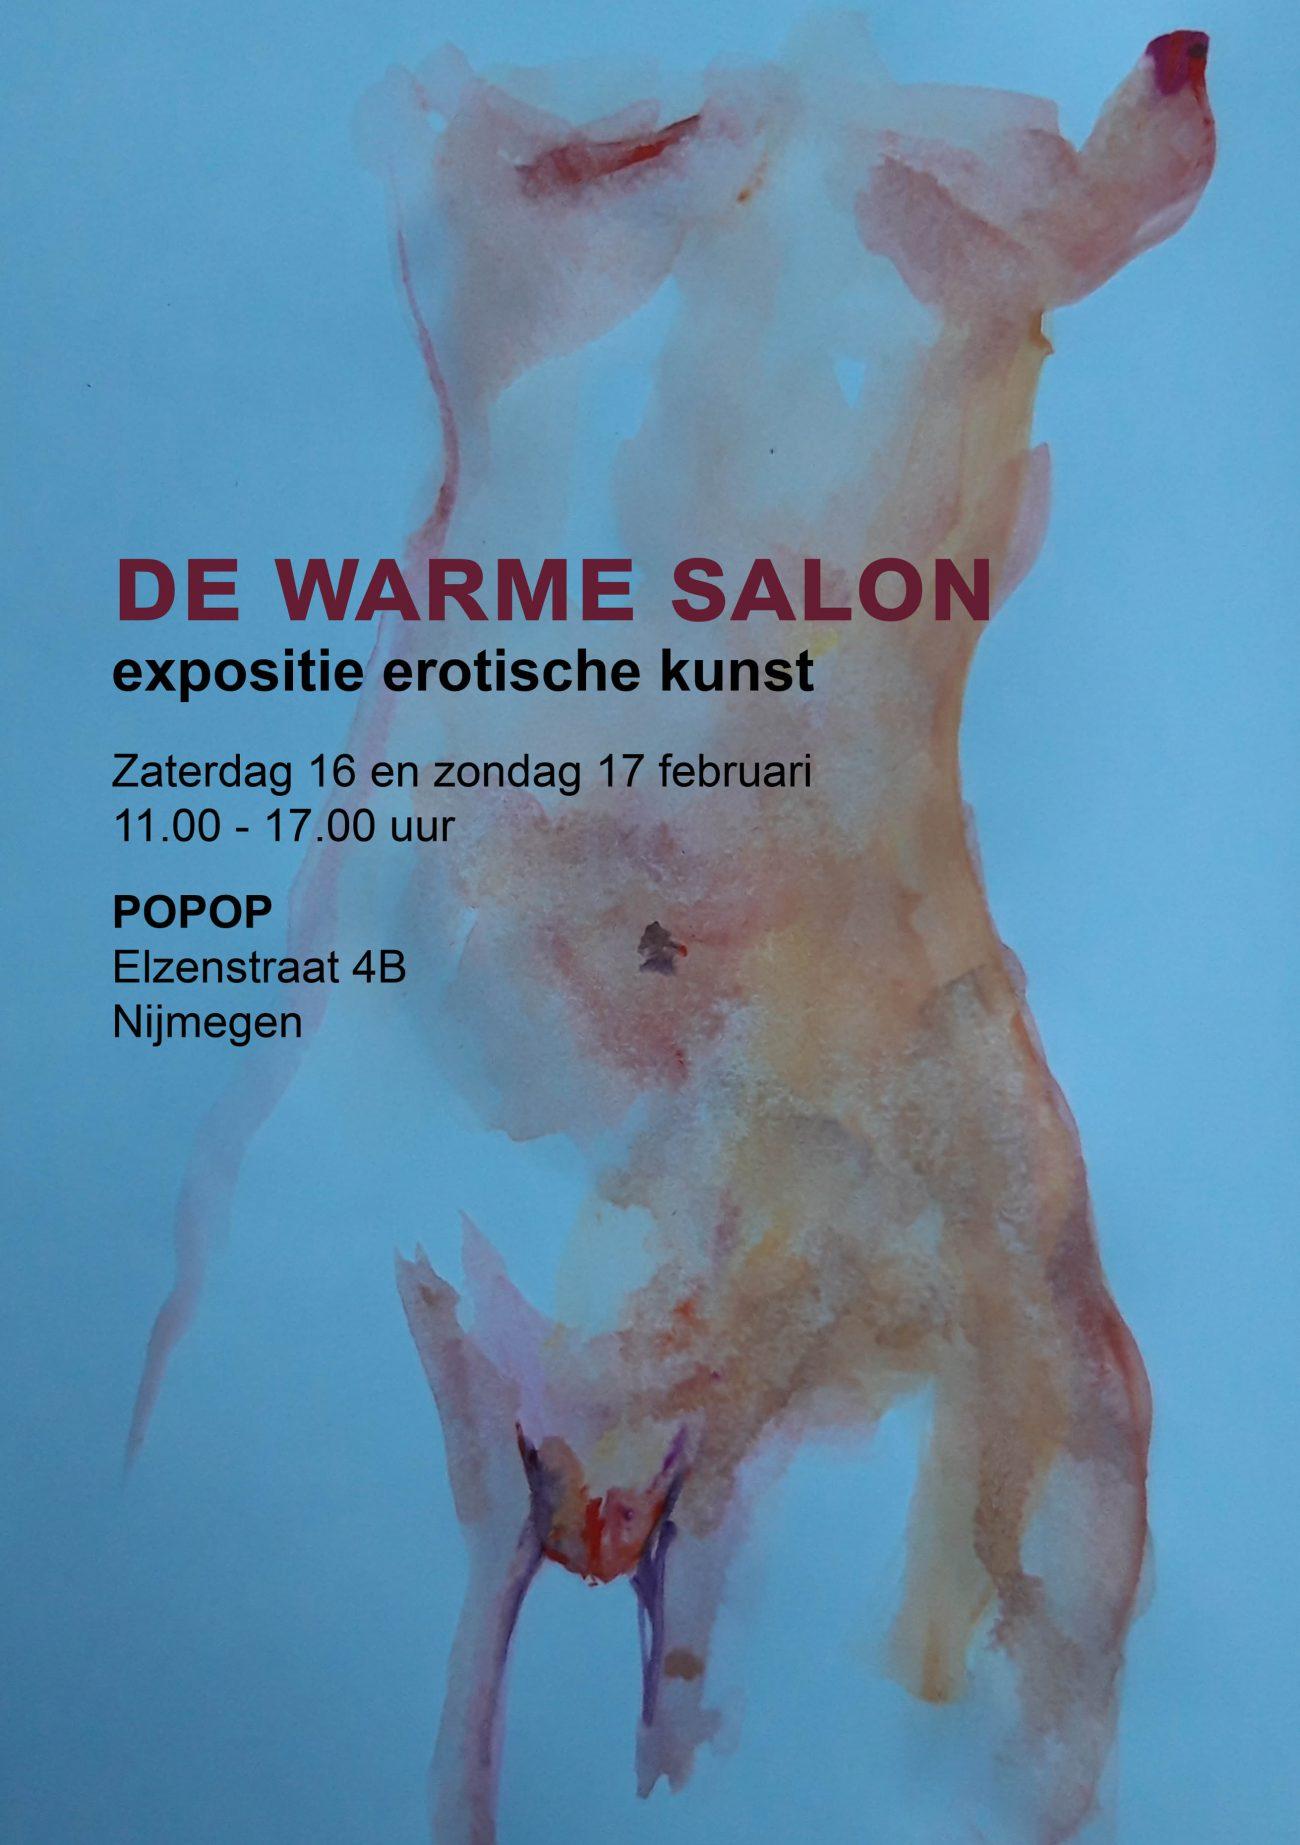 De warme salon Nijmegen toont erotische kunst